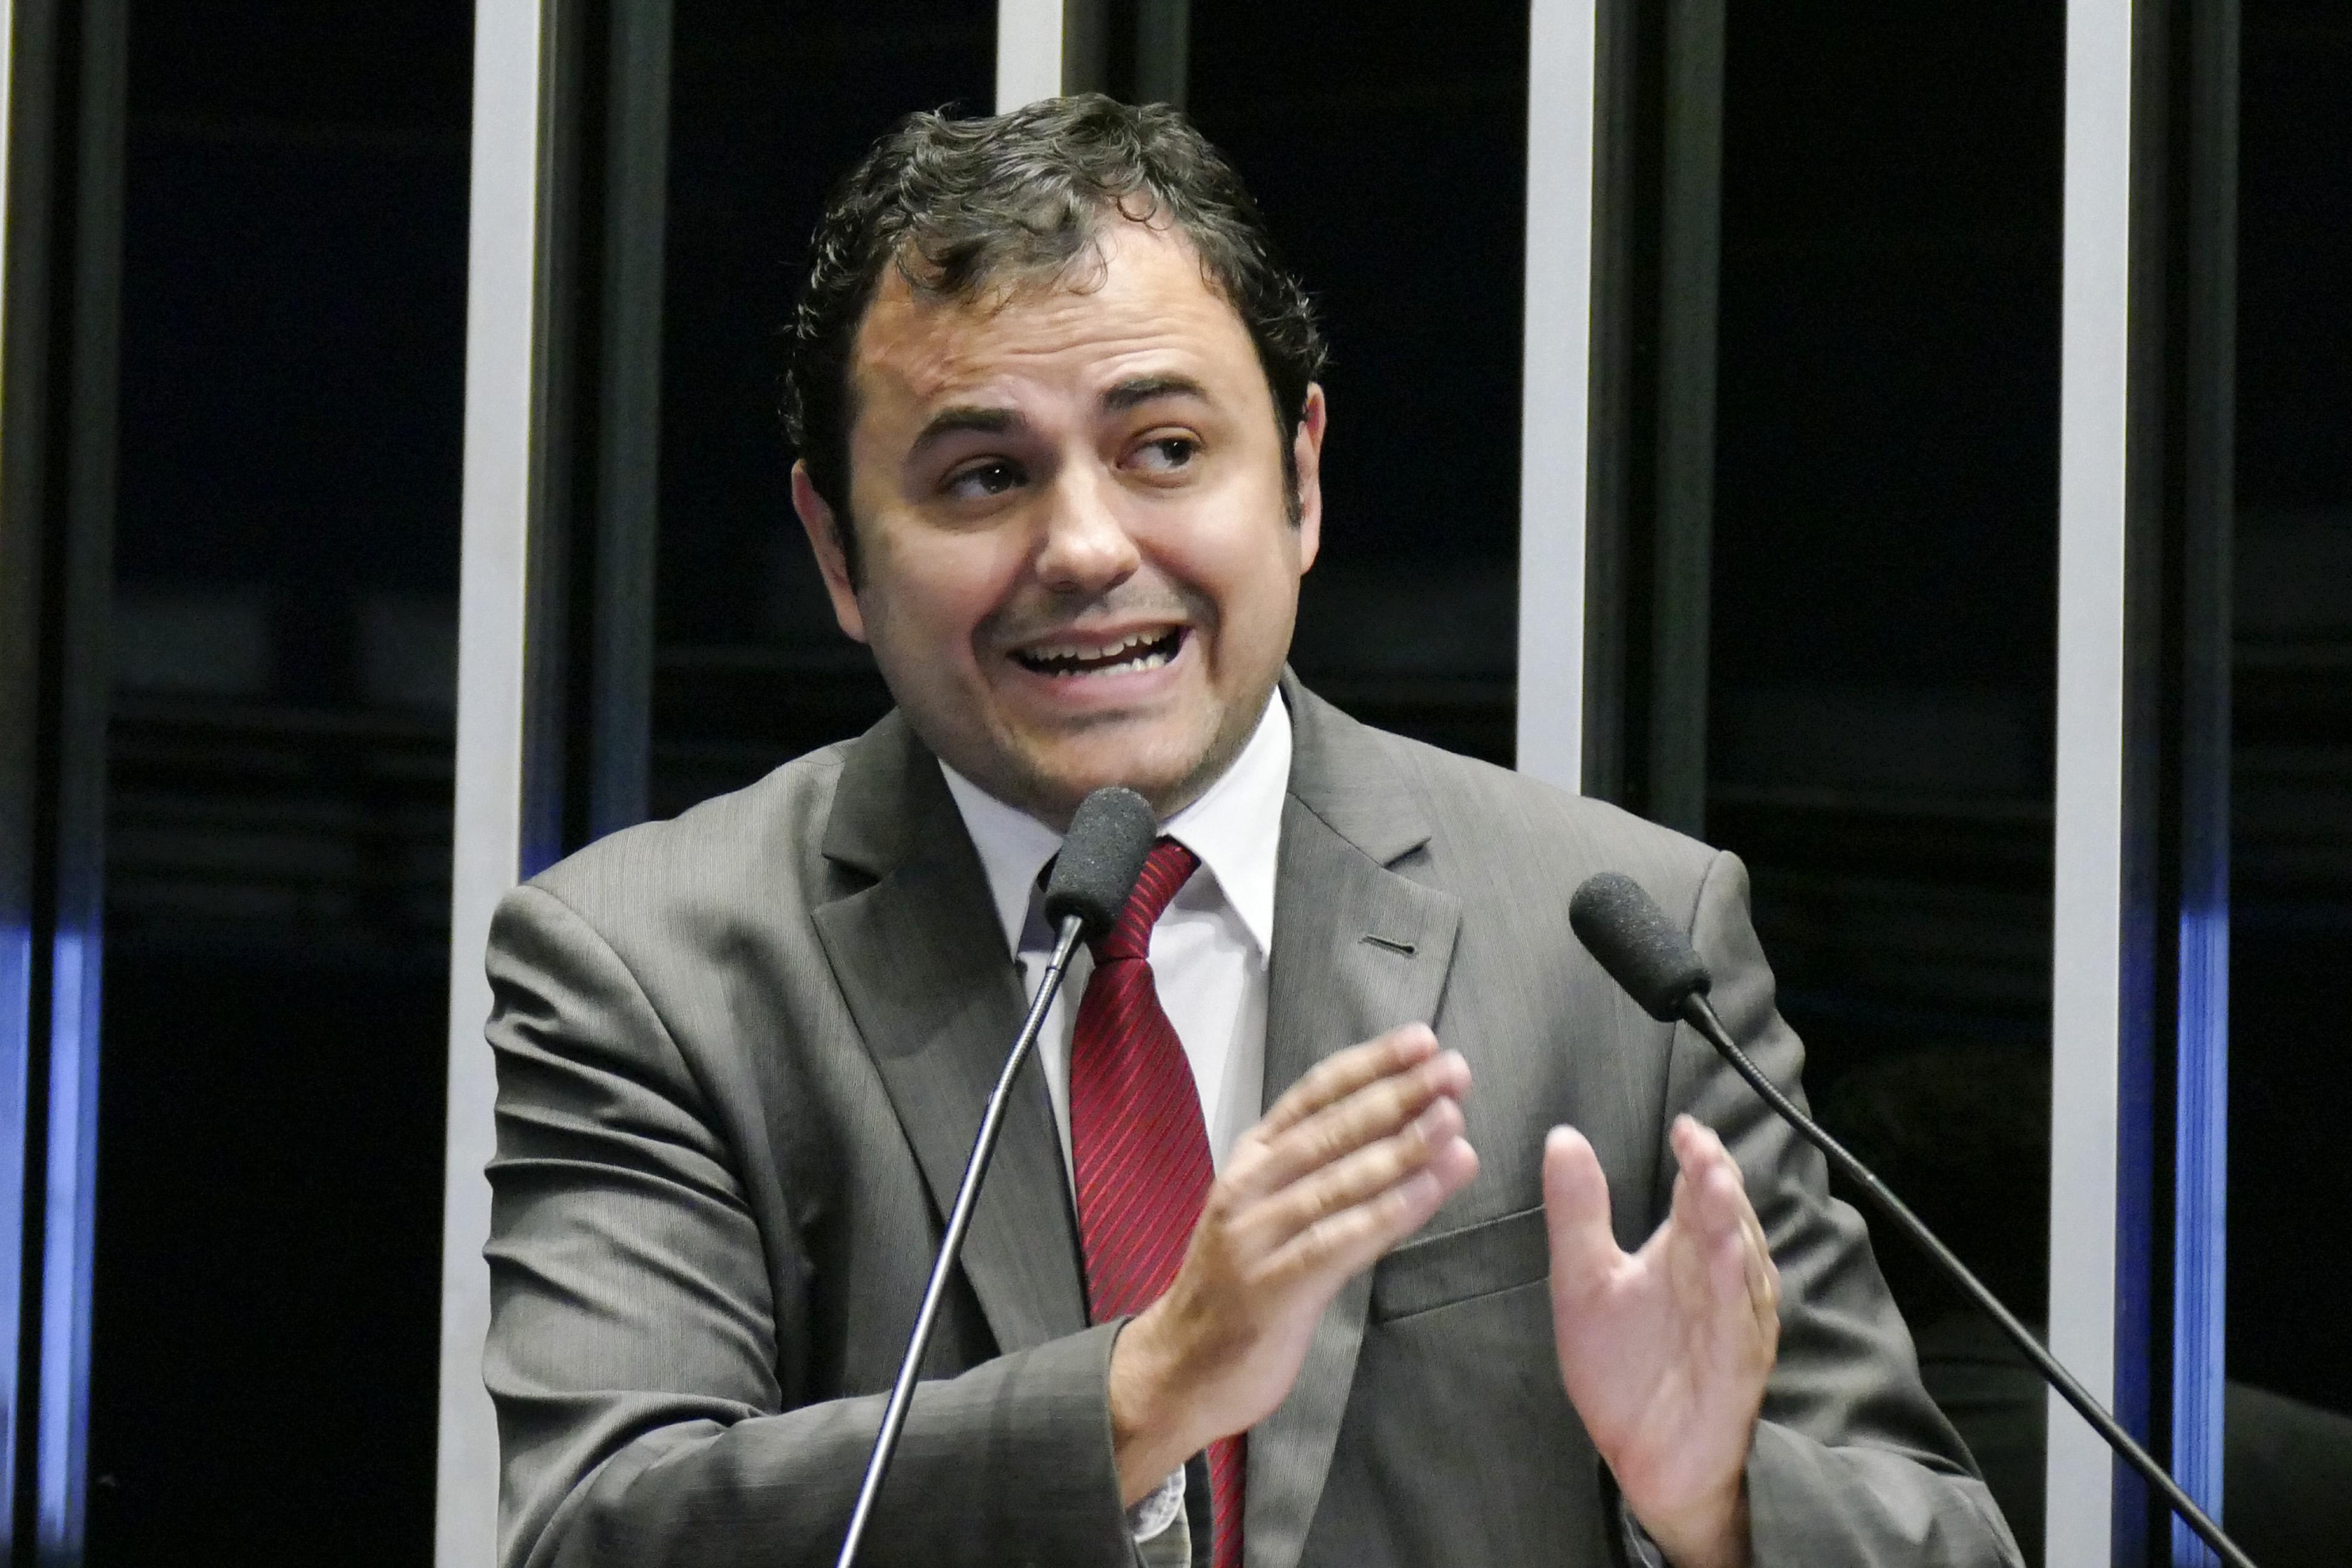 IMAGEM: Psolista que chamou Moro de 'ladrão' quer presidir o Brasil